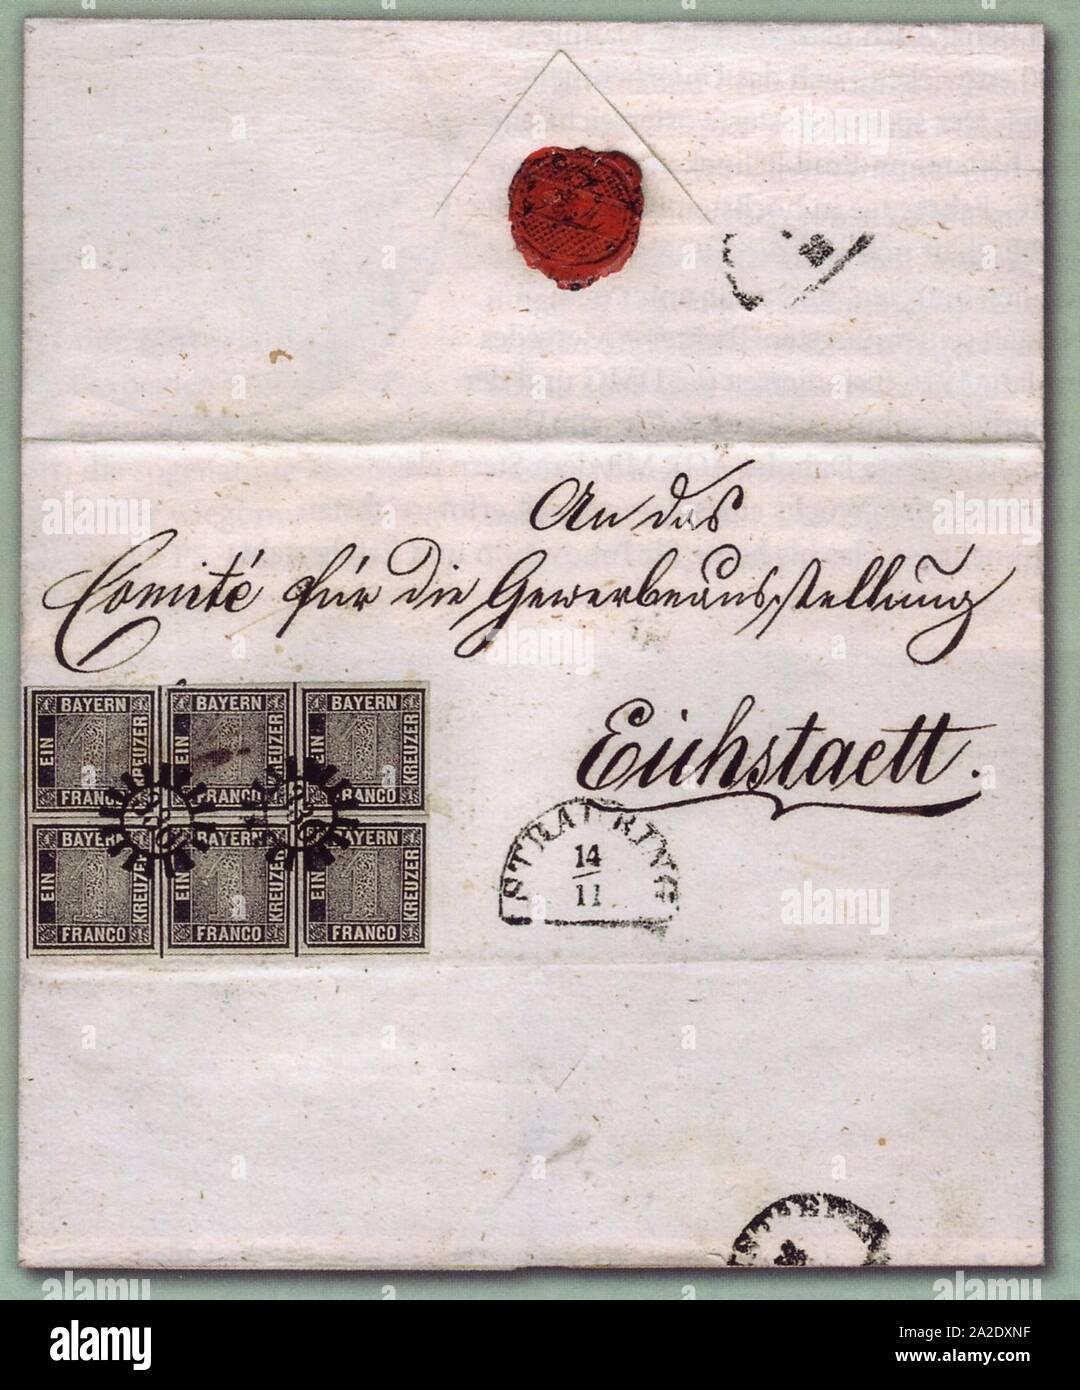 Eichstaett-Brief-postfrisch. Stock Photo